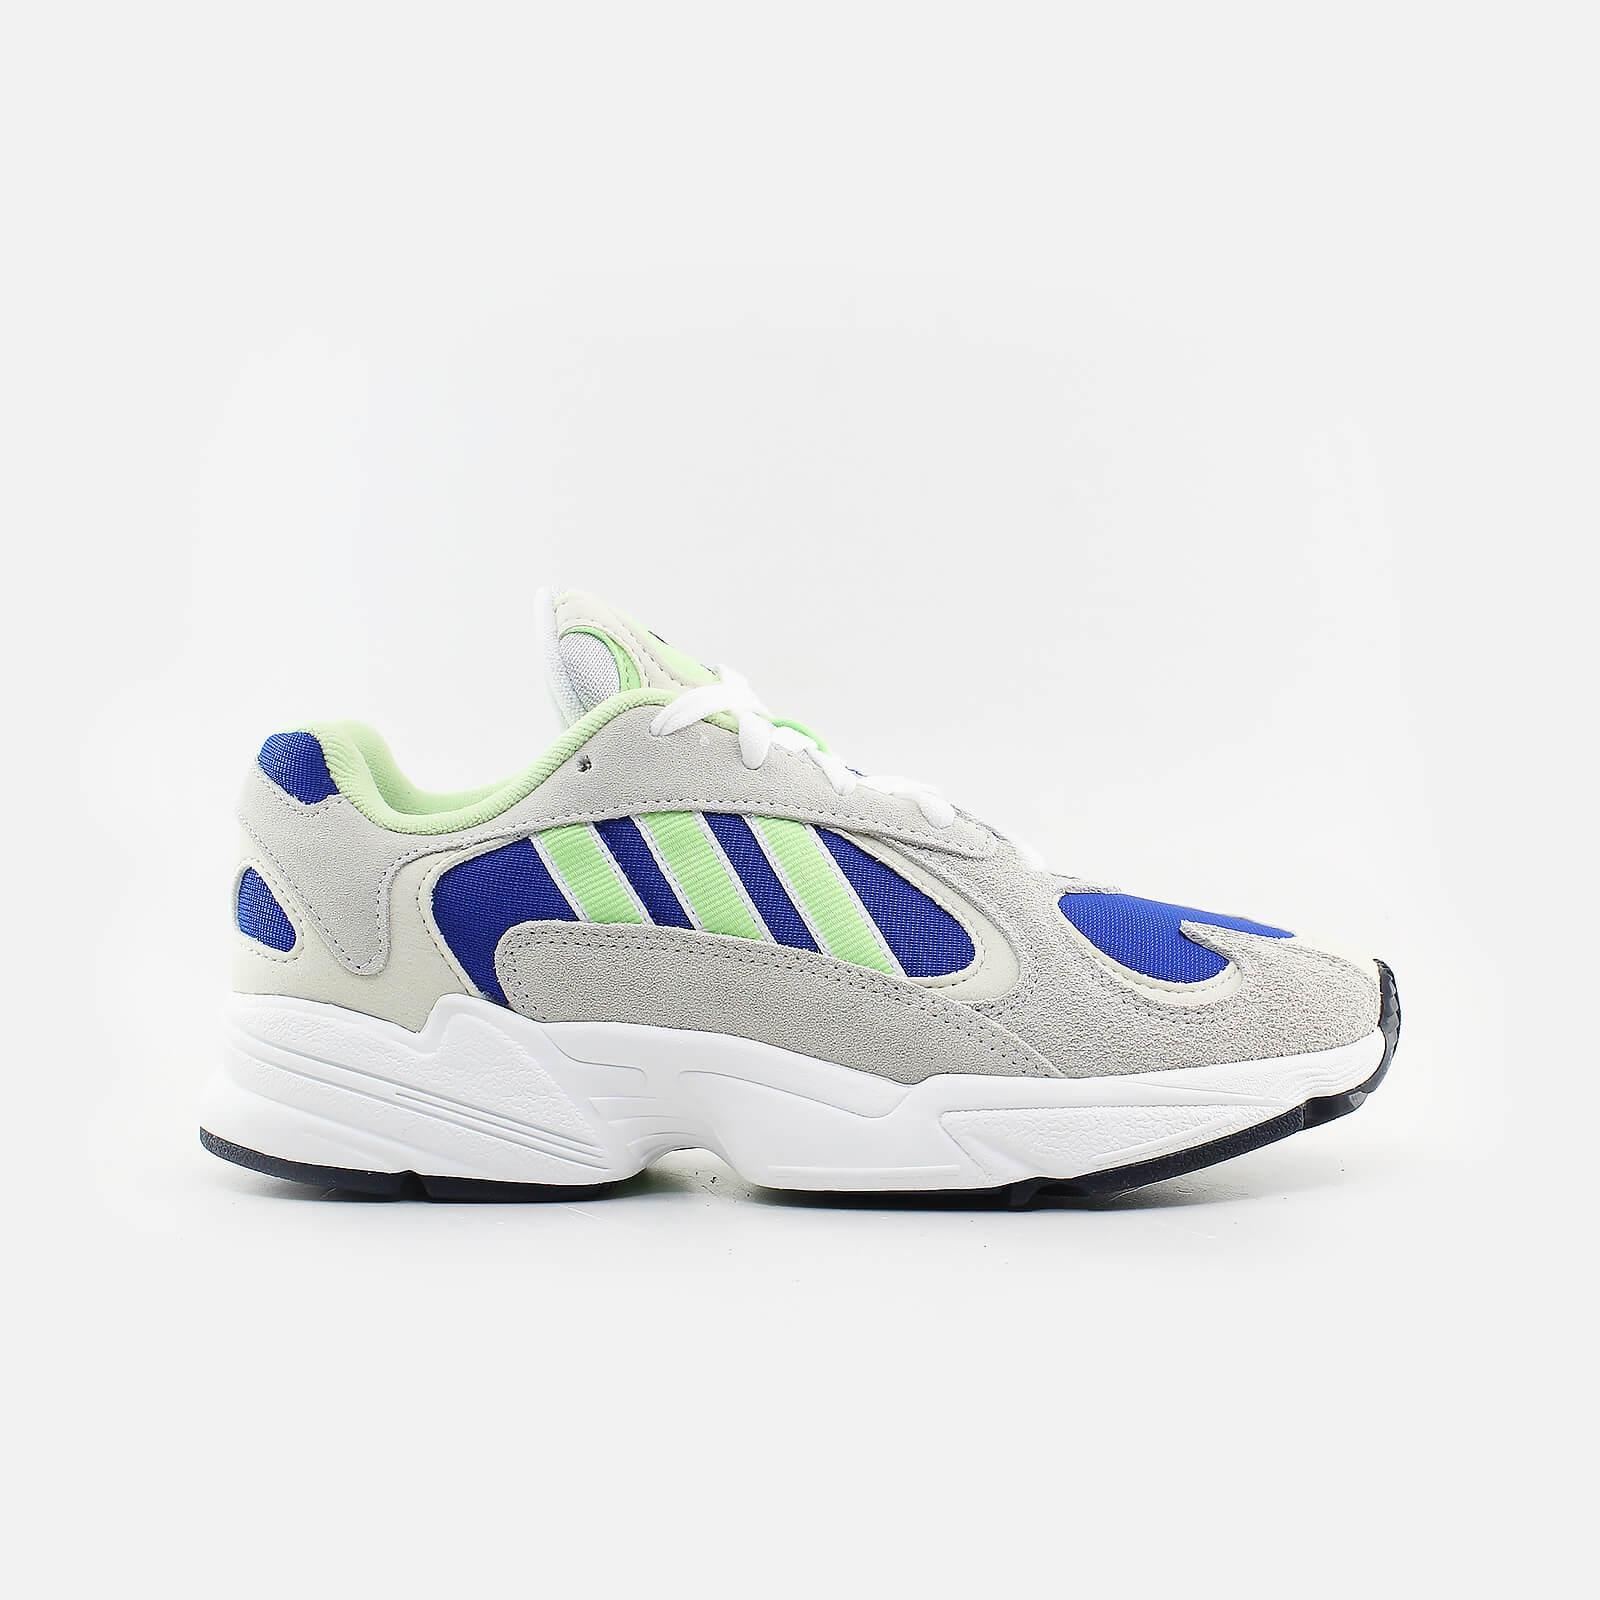 d4e223876e6 4Elementos   Tienda de zapatillas, sneakers y streetwear